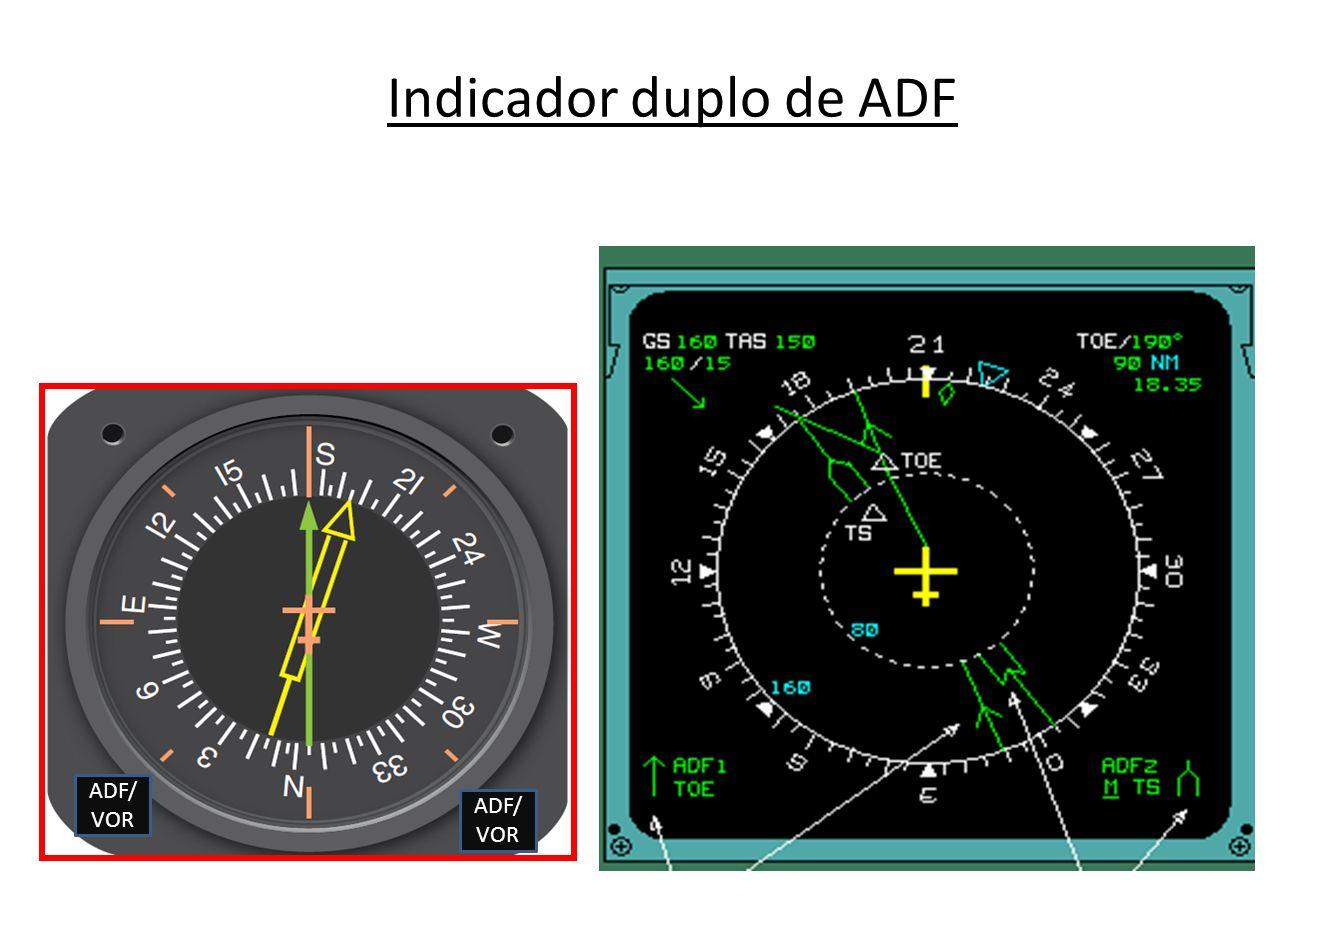 Indicador duplo de ADF ADF/VOR ADF/VOR